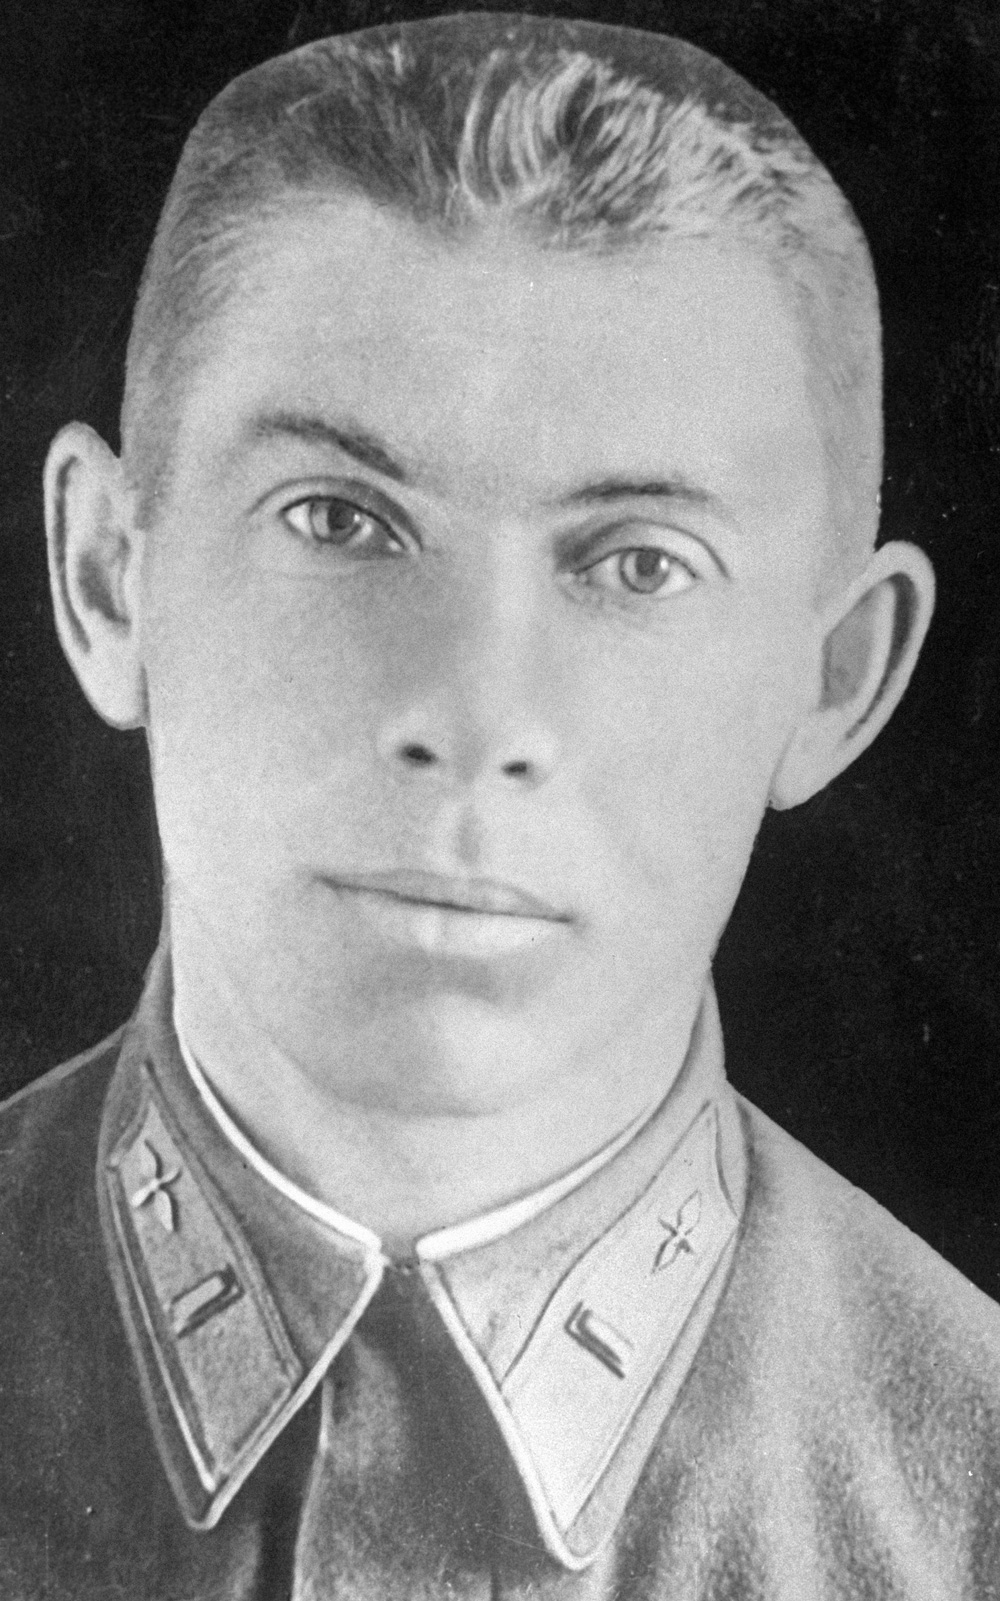 Летчик, Герой Советского Союза (посмертно) Николай Гастелло. Довоенная фотография.